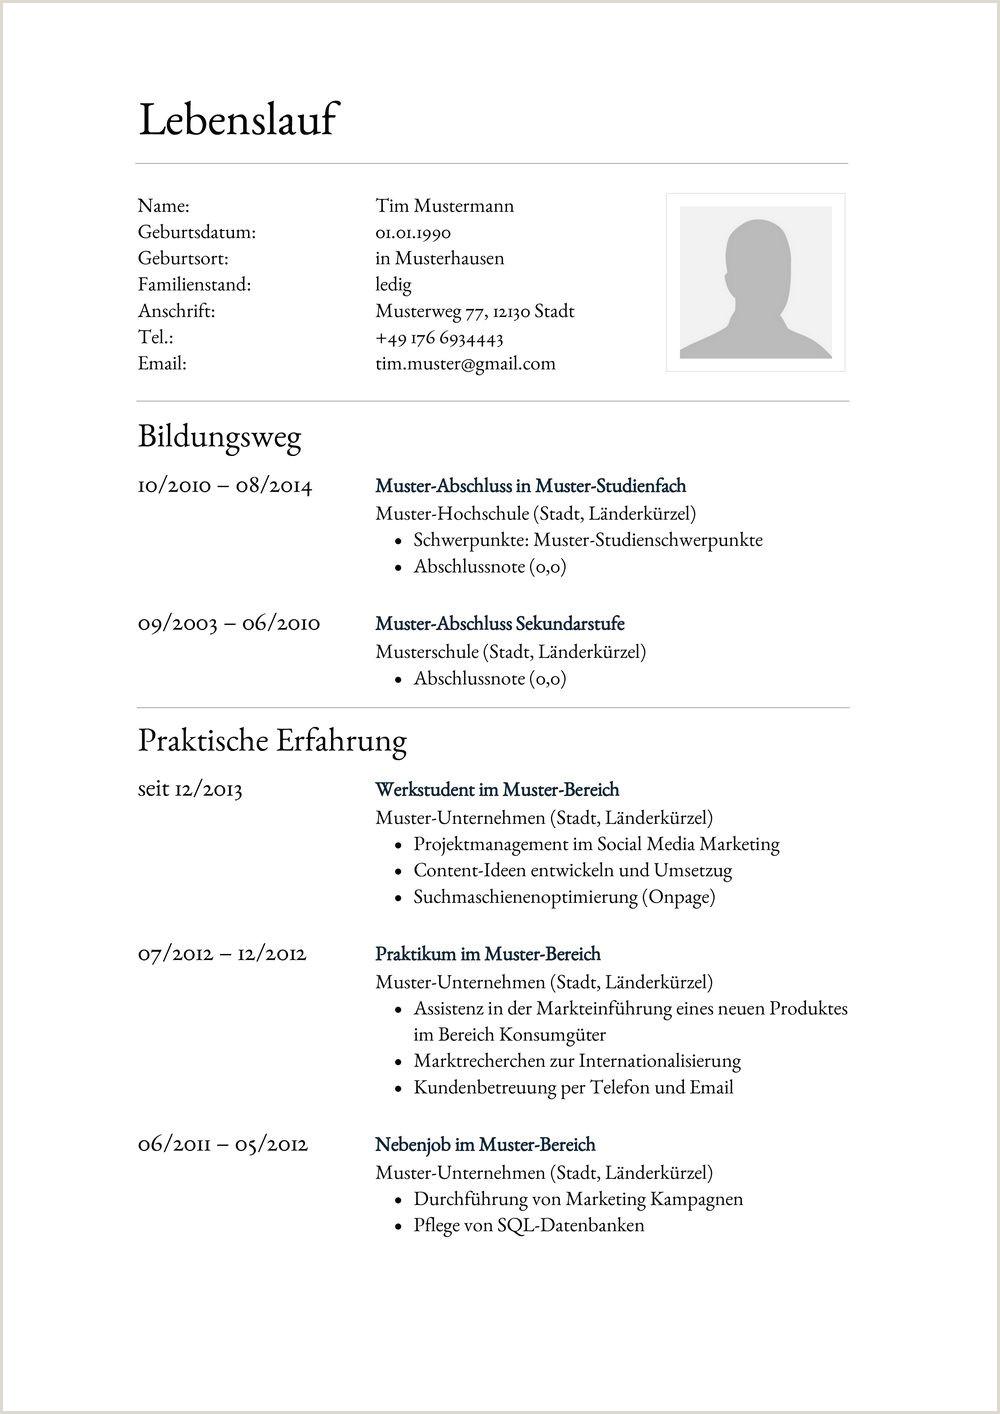 Lebenslauf Muster Wirtschaftsinformatik 15 Formular Tabellarischer Lebenslauf